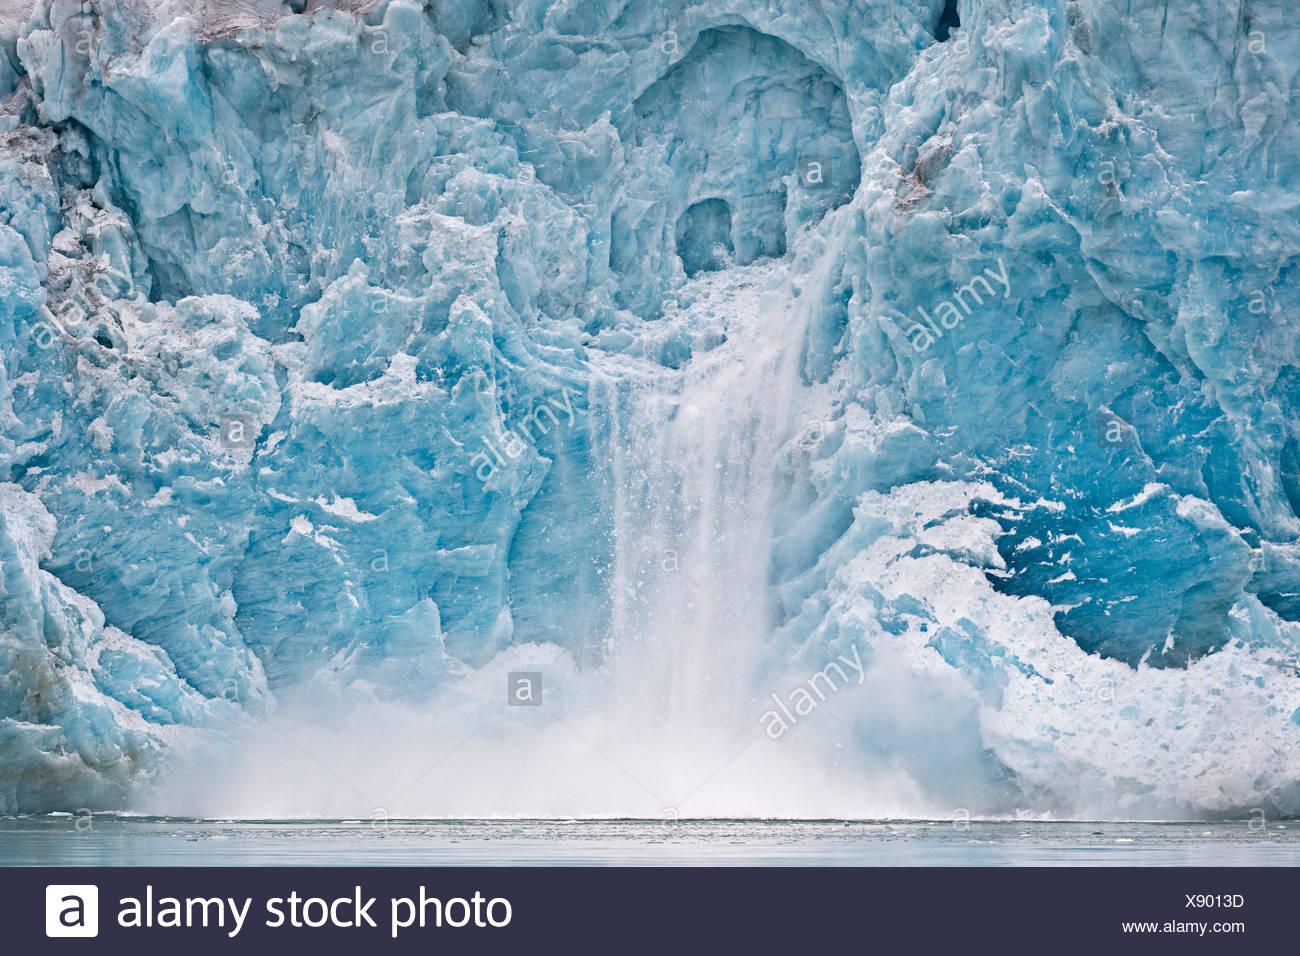 Calving glacier, rim of the Monacobreen Glacier, Liefdefjorden, Spitsbergen, Svalbard Islands, Svalbard and Jan Mayen, Norway Stock Photo